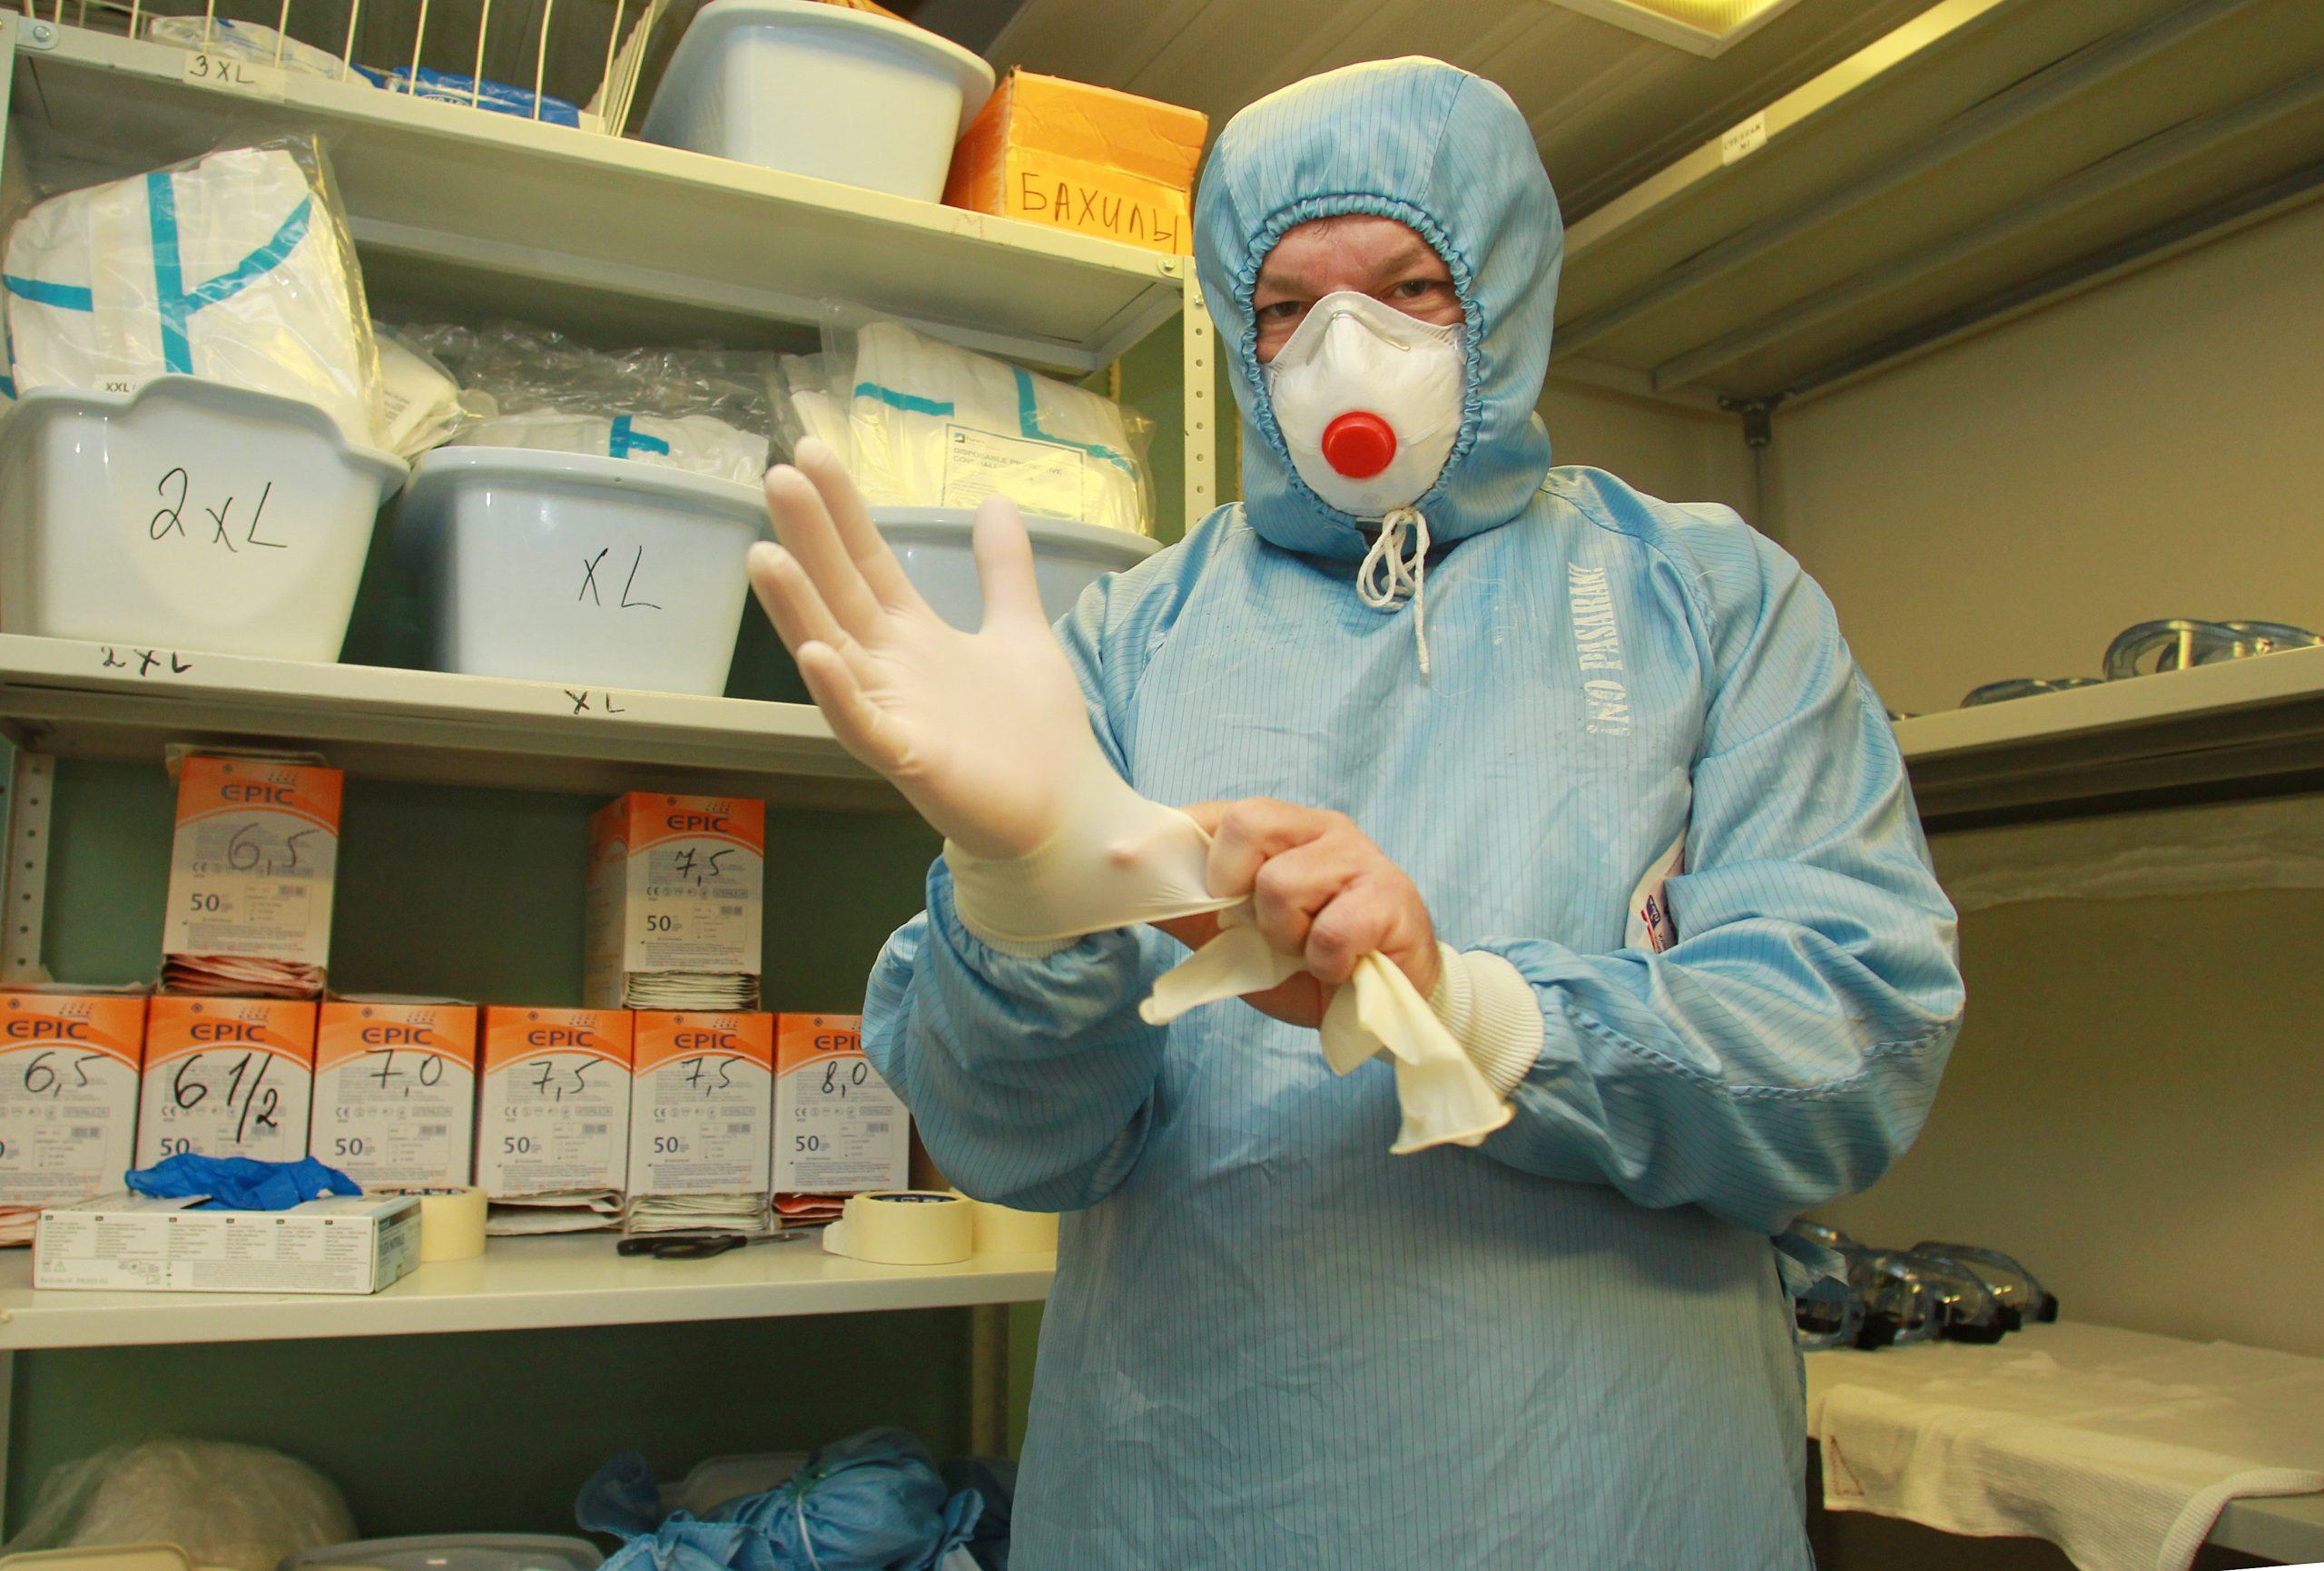 За последние сутки в московском регионе зафиксировали 4 595 новых случаев инфекции коронавируса